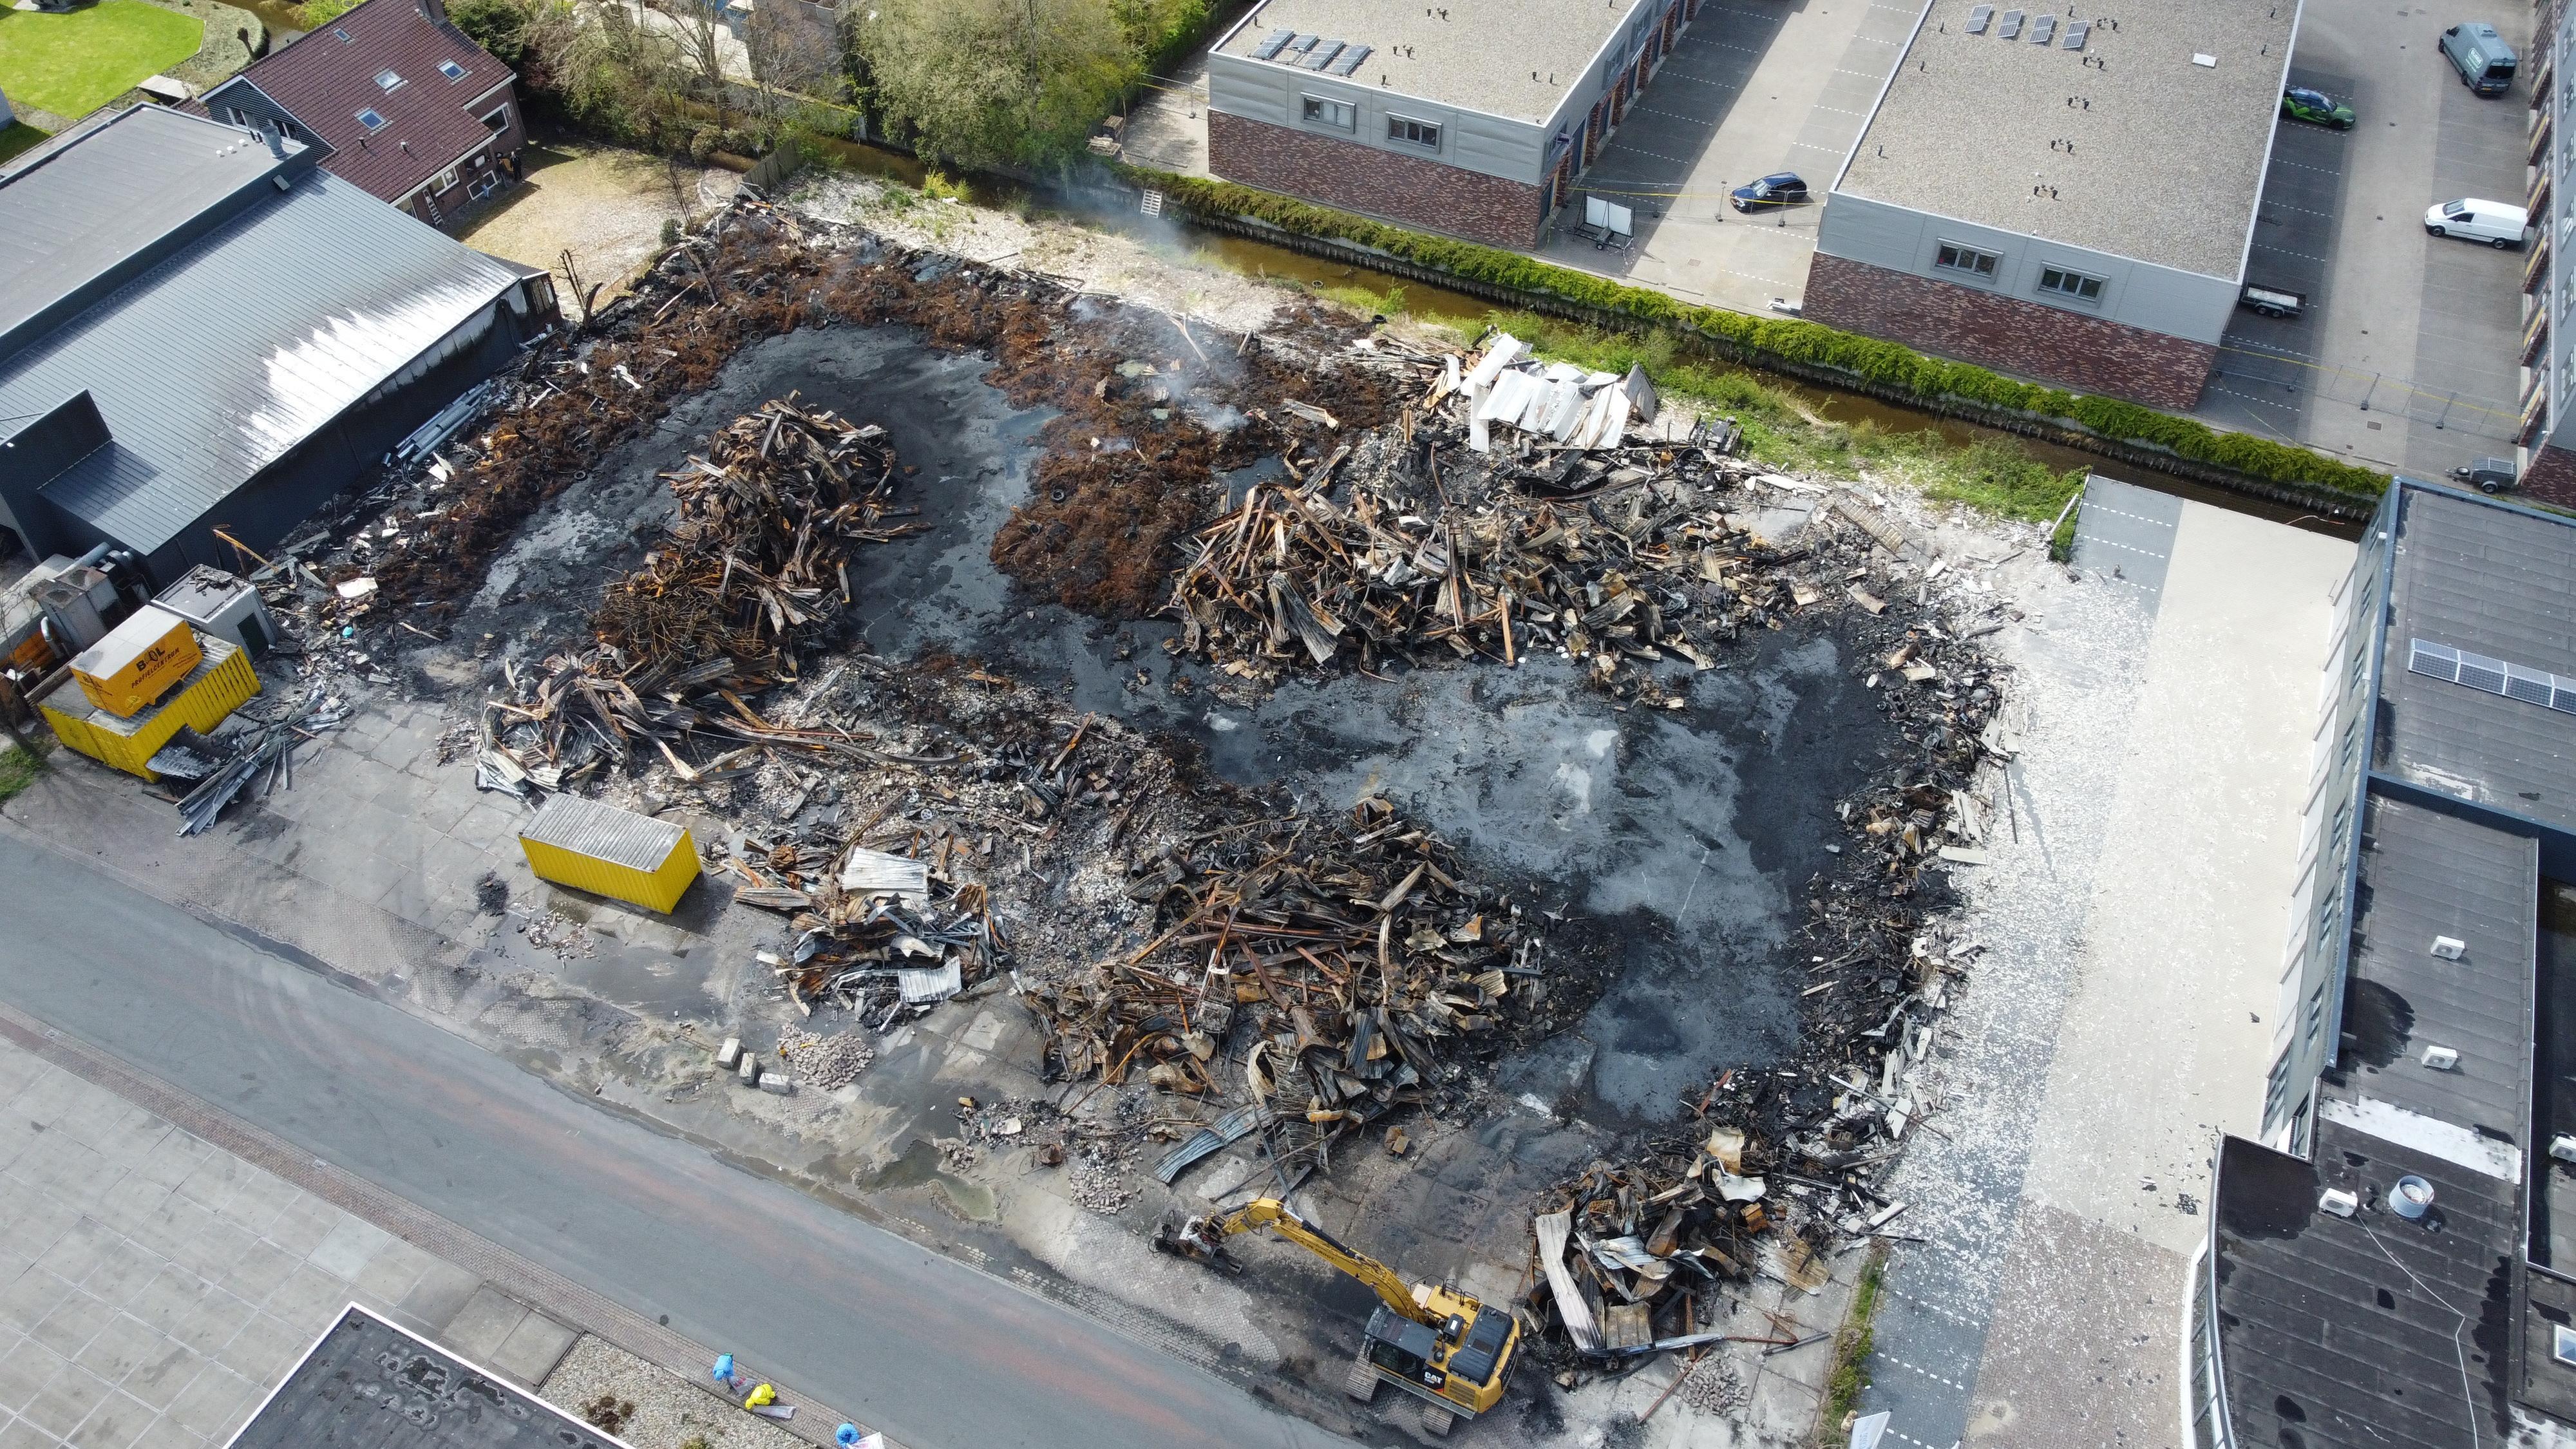 Veiligheidsregio over brand in Broek op Langedijk: 'Asbest maar in klein gebied, daarbuiten geen gevaar' [luchtfoto's]